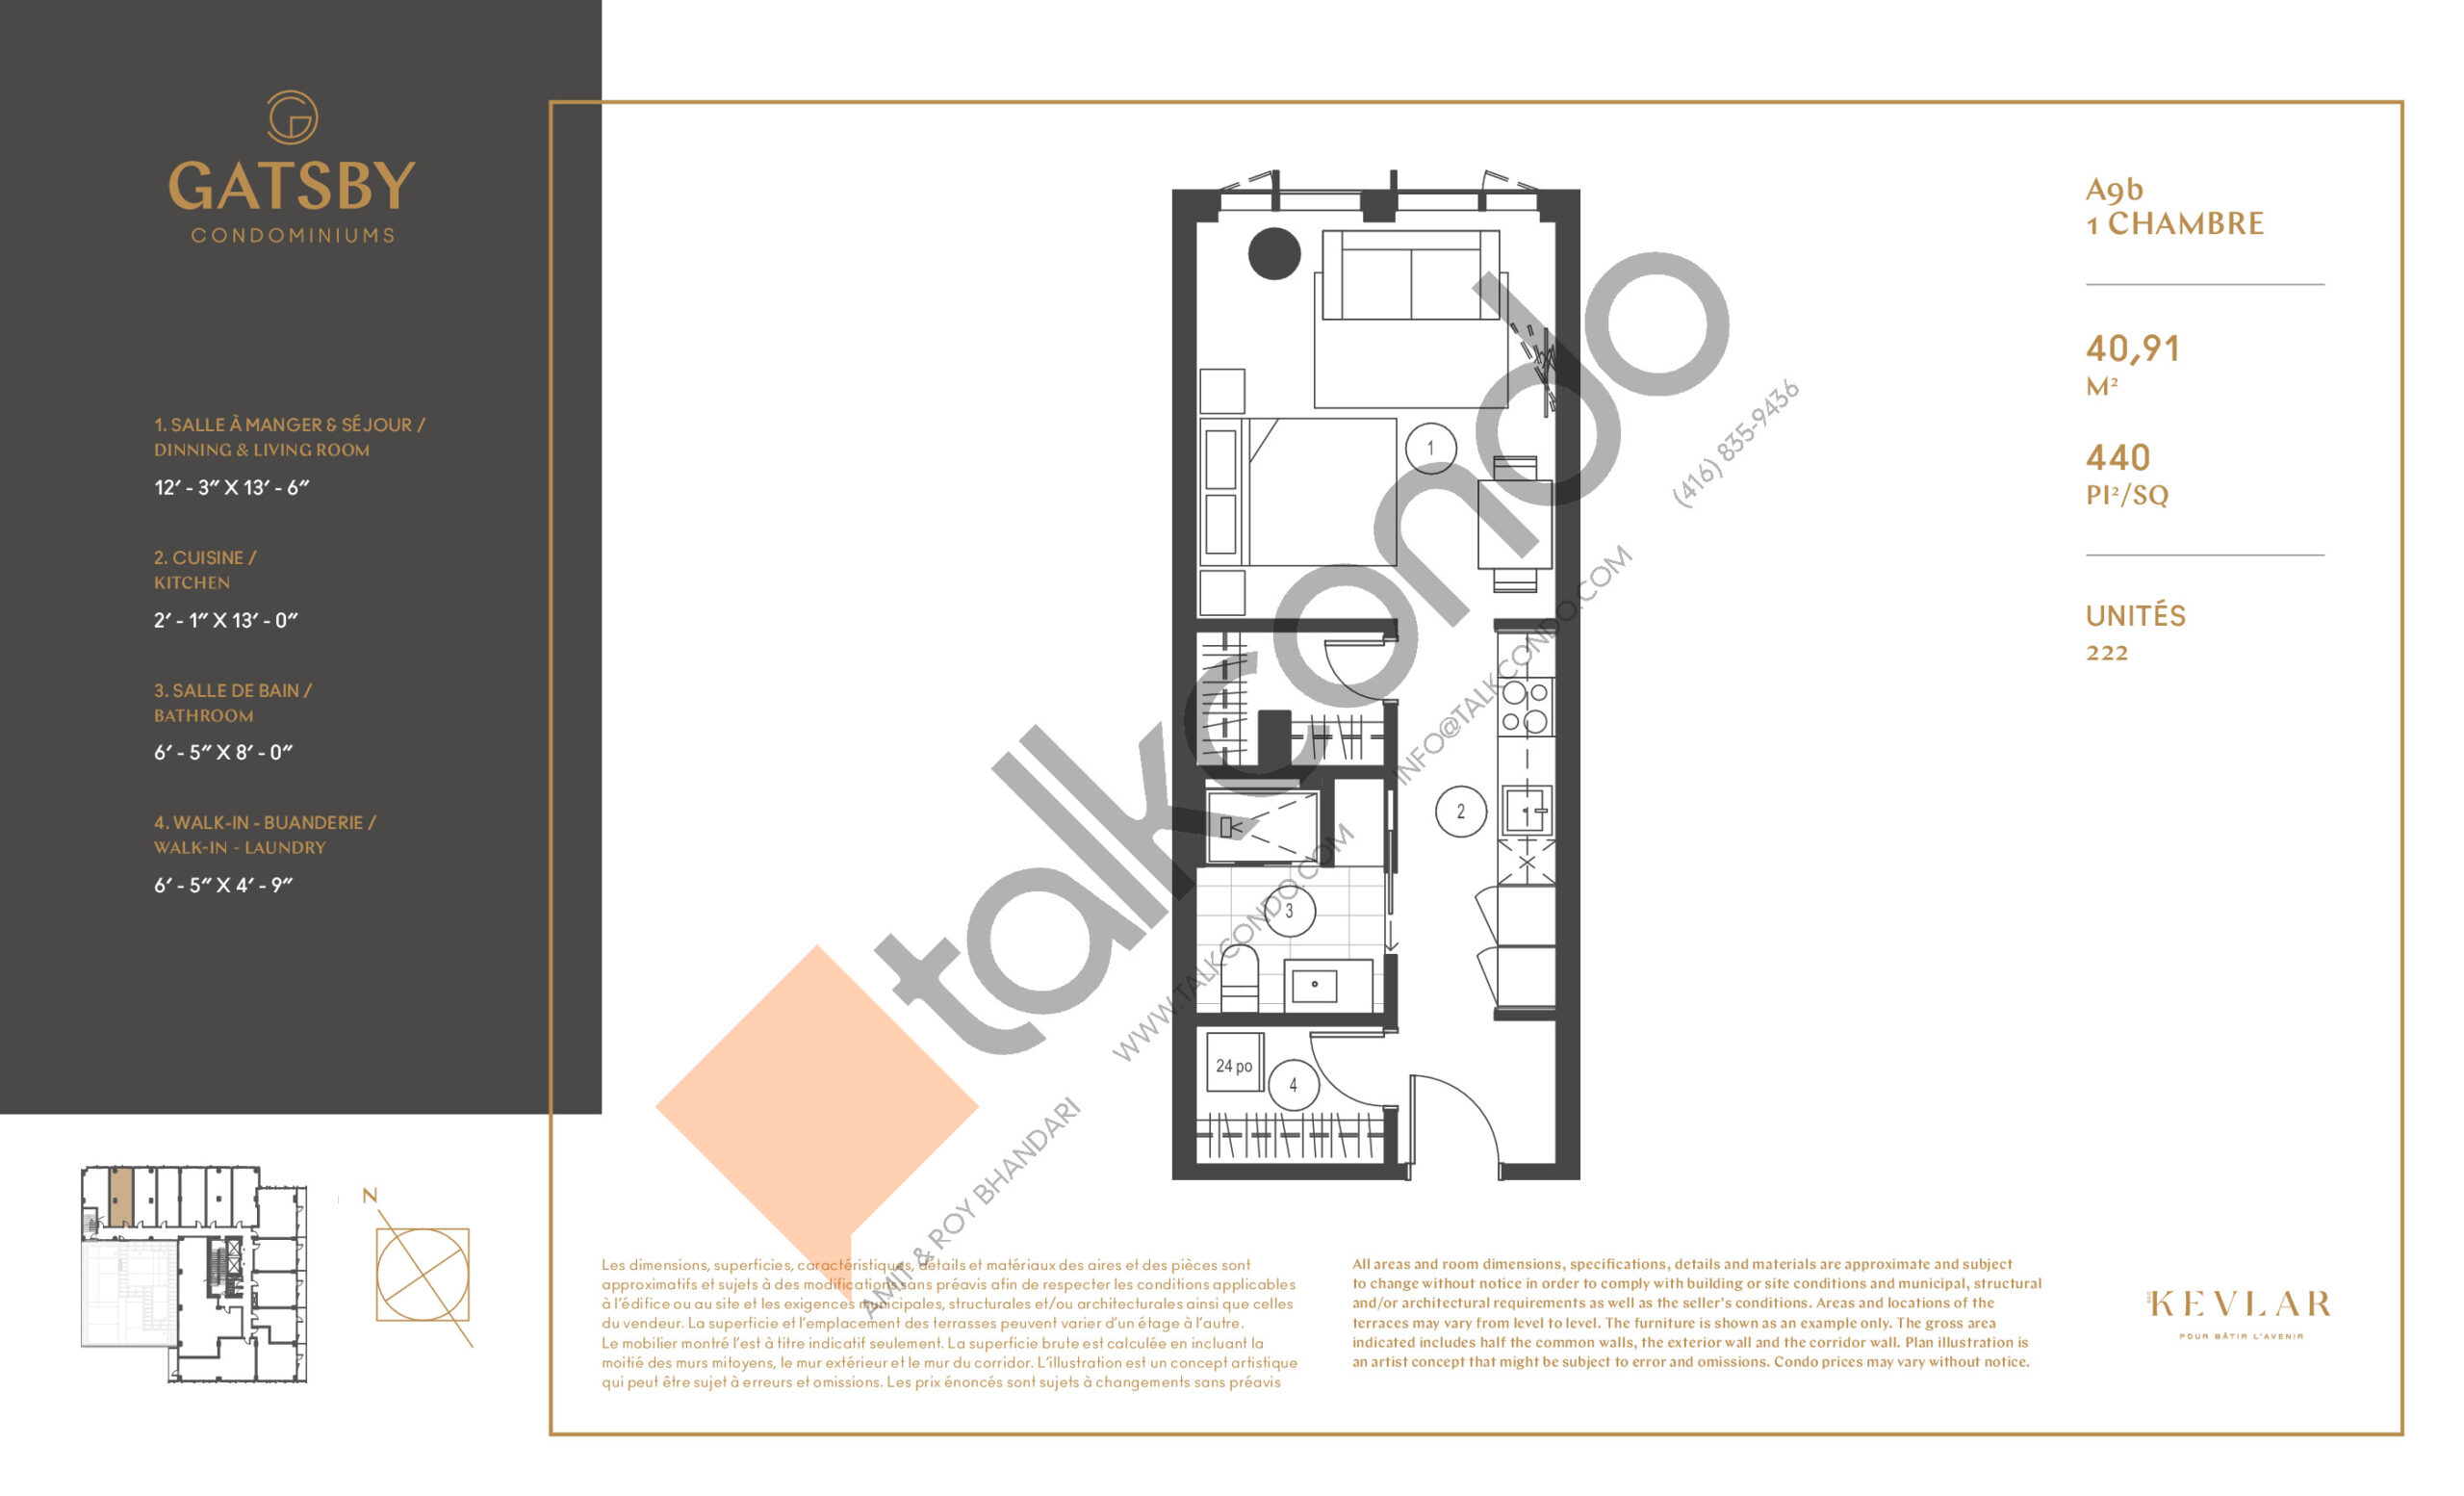 A9b Floor Plan at Gatsby Condos - 440 sq.ft